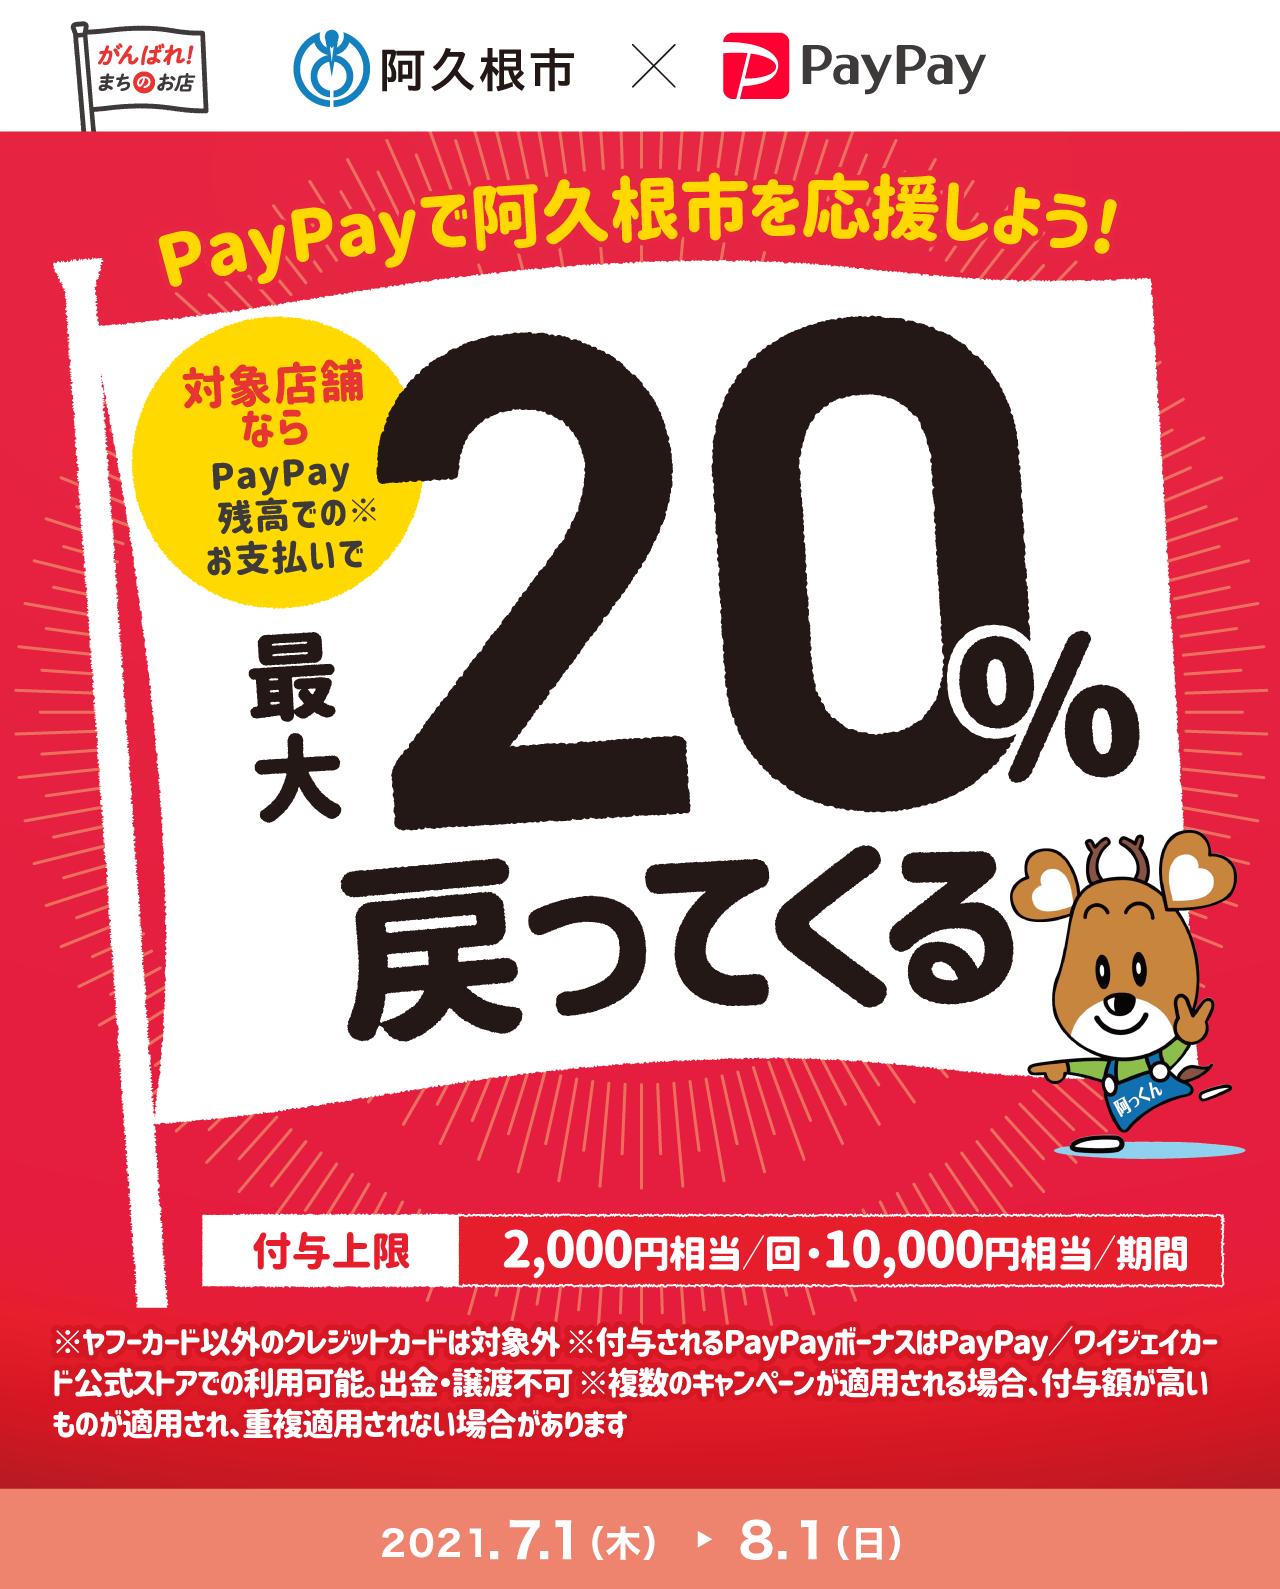 PayPayで阿久根市を応援しよう! 対象店舗ならPayPay残高でのお支払いで最大20%戻ってくる